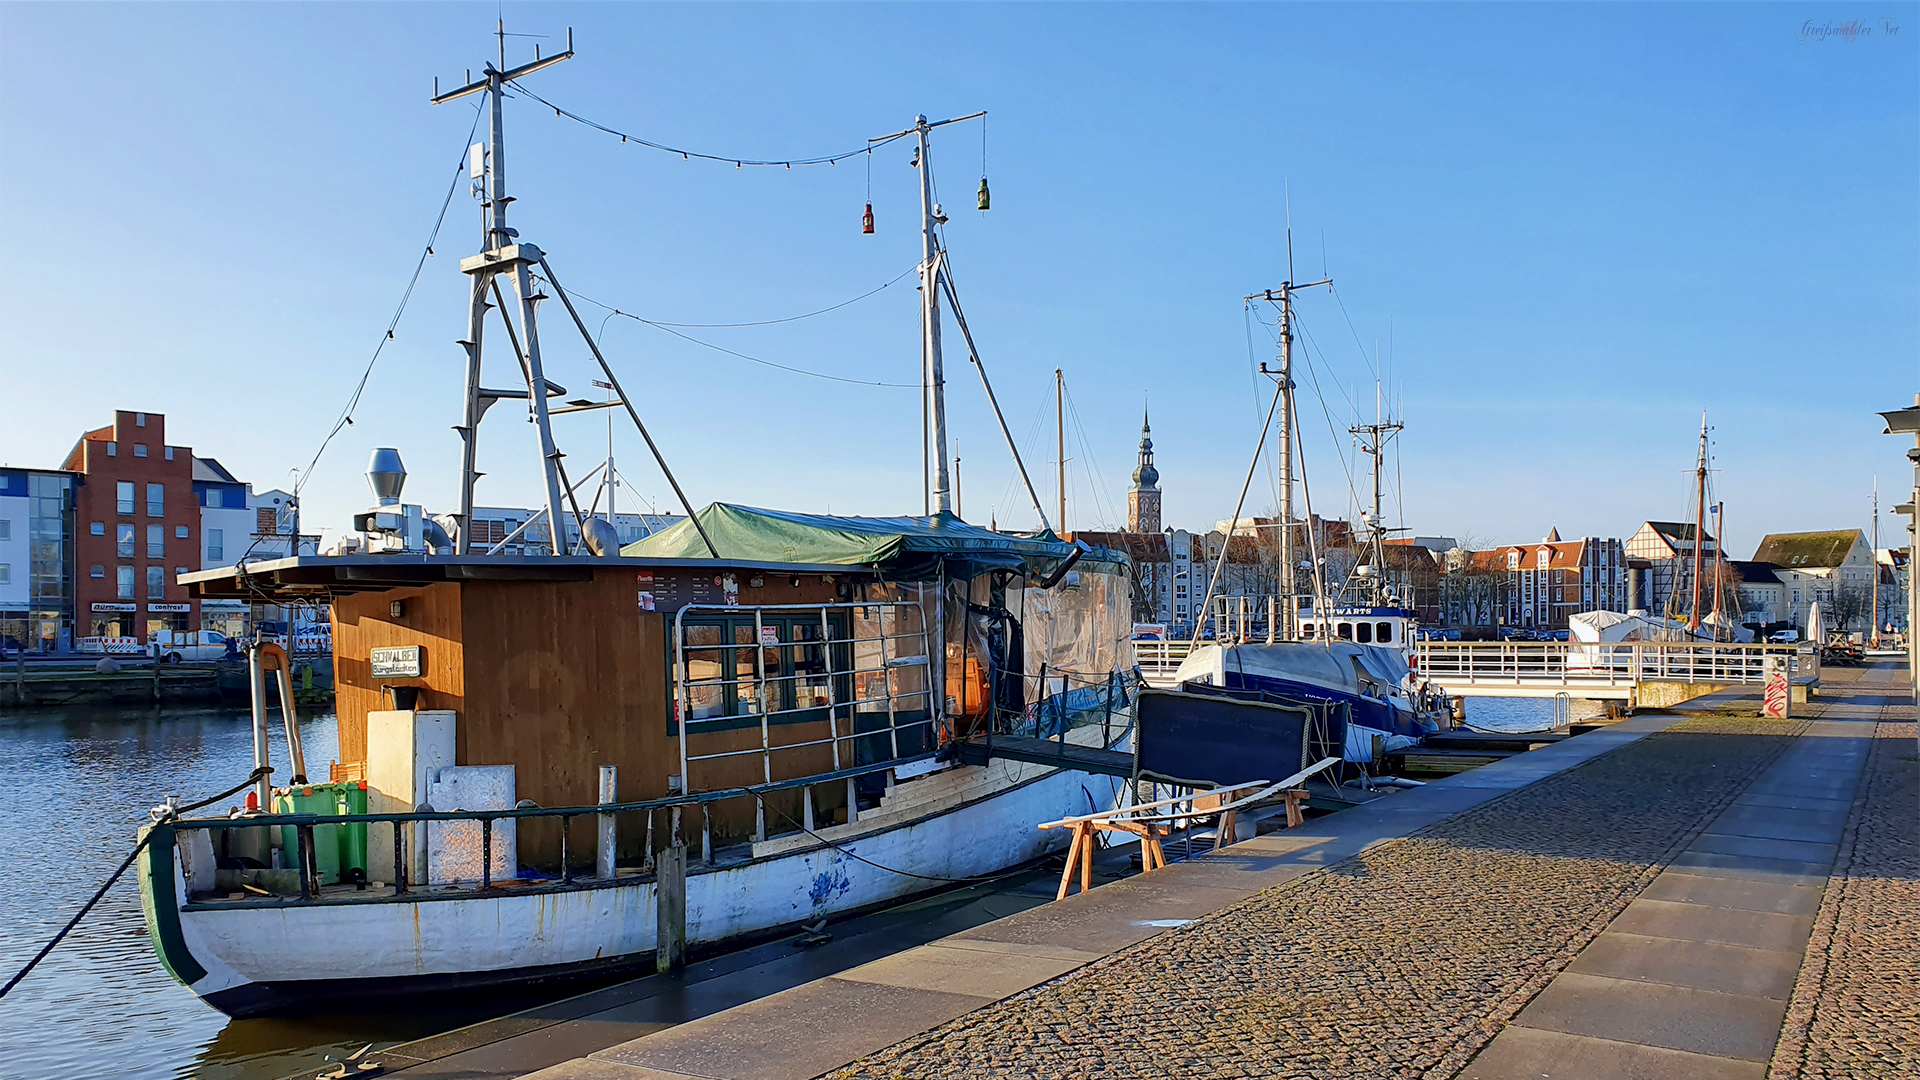 Museumshafen in Greifswald